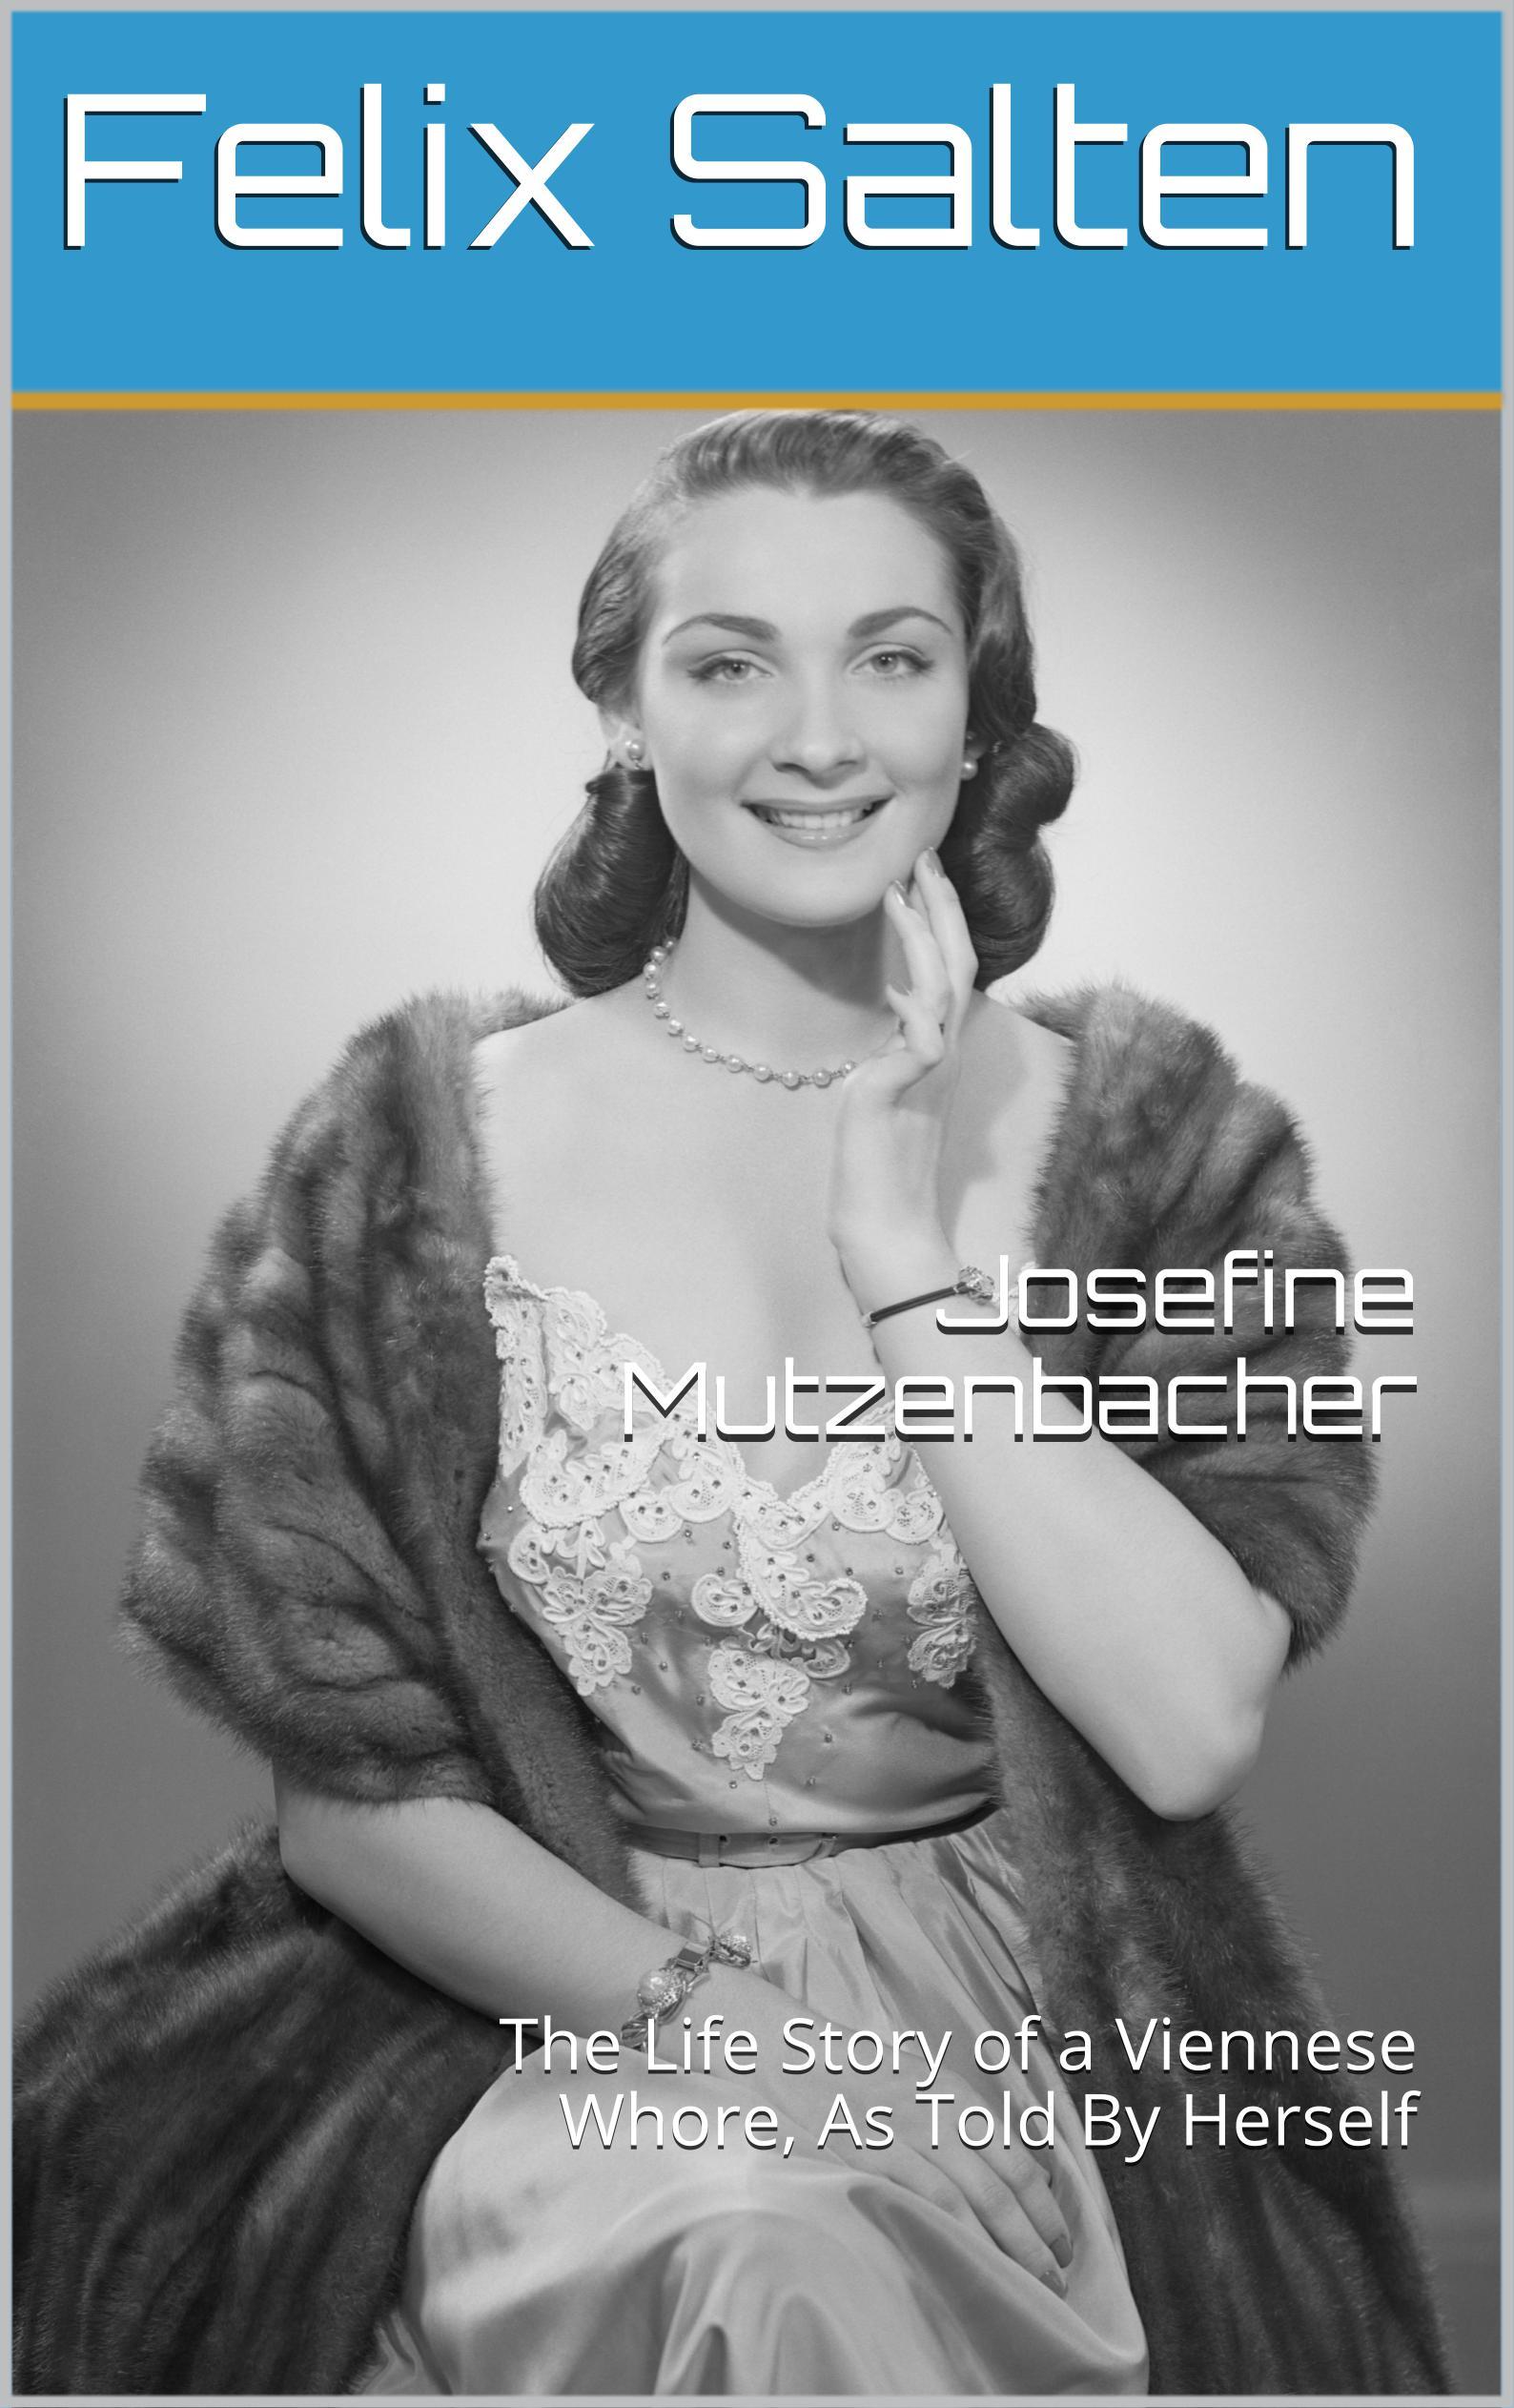 josefine mutzenbacher free